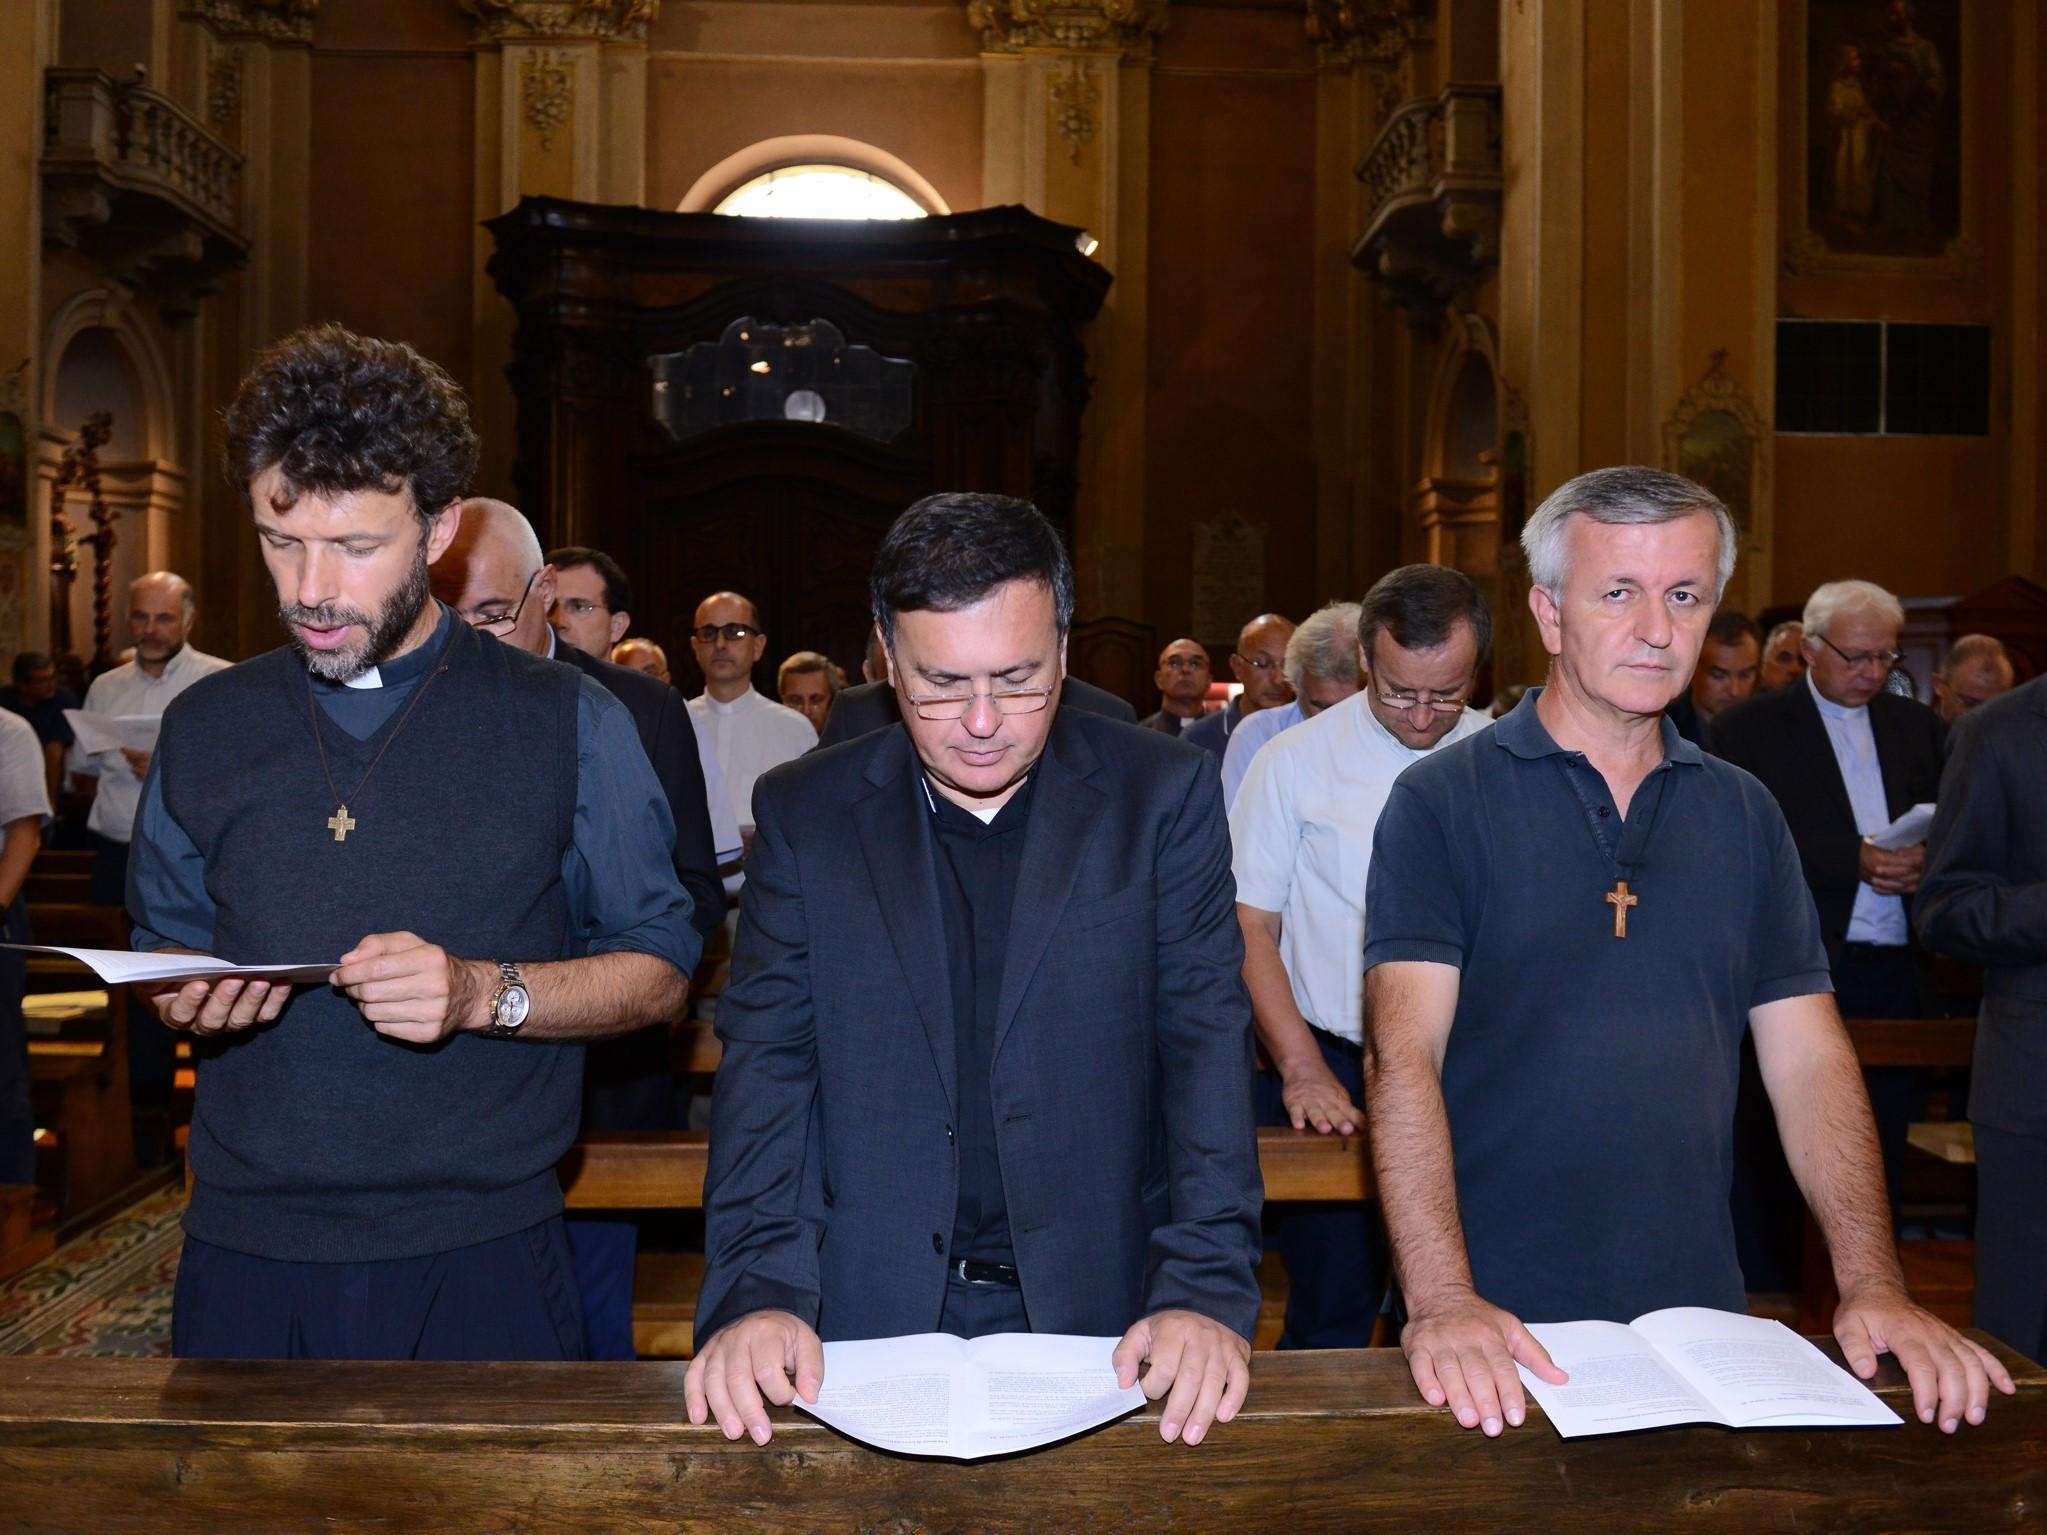 Angelo Scola, addio a Milano Lecchesi in Duomo per l'ultima messa